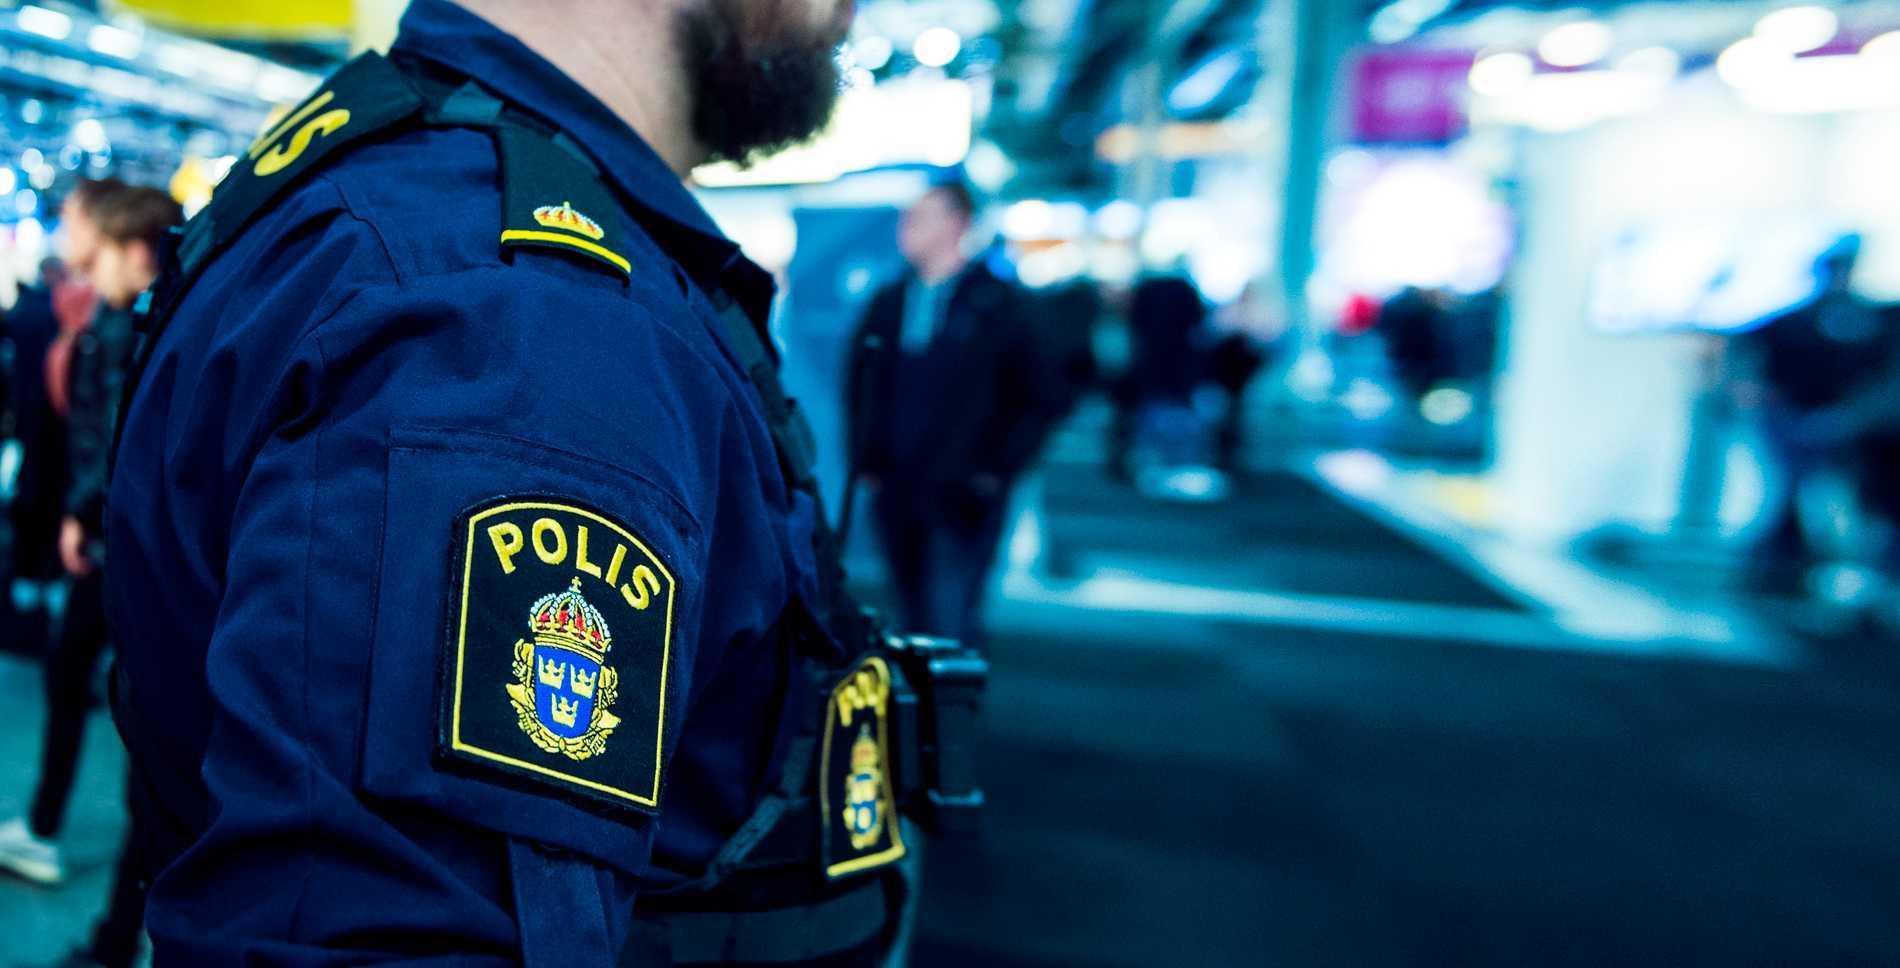 Polisen utreder brottet. Arkivbild.